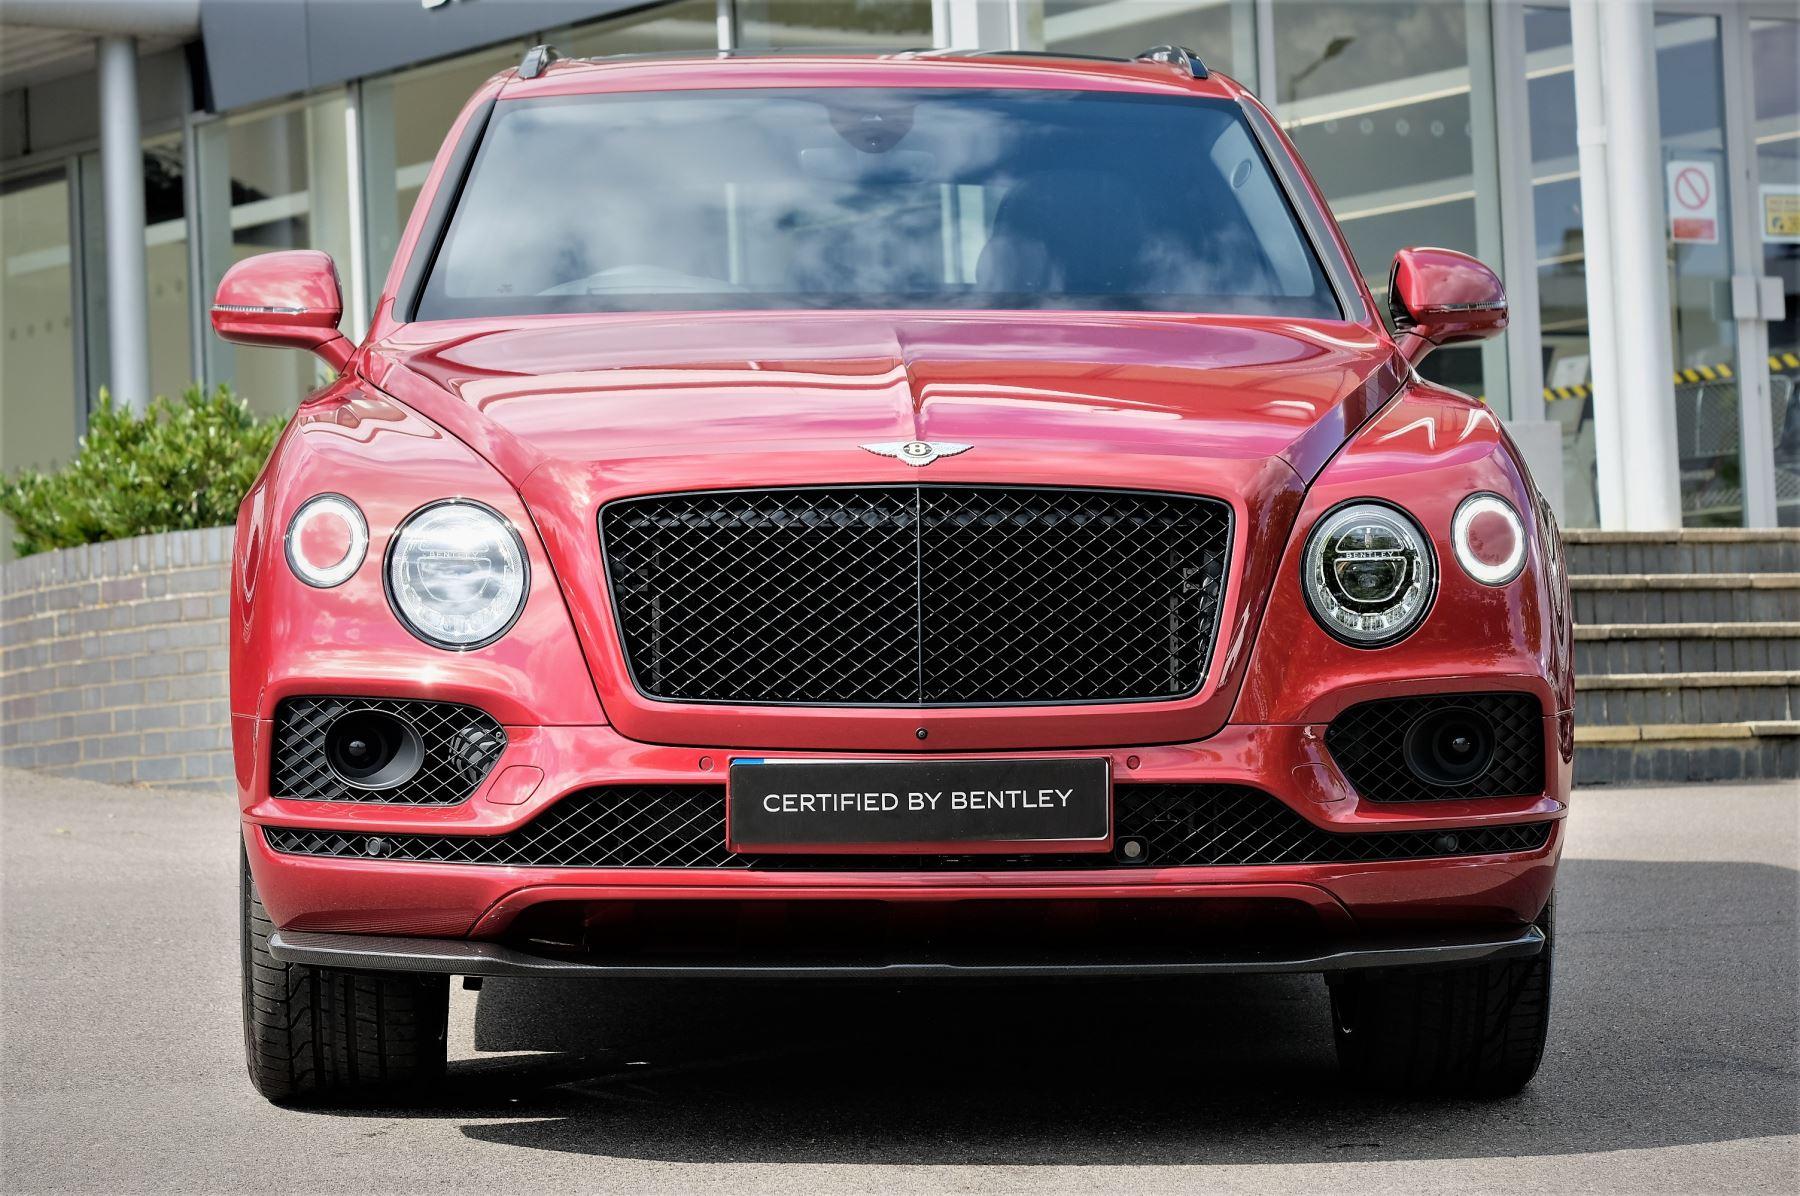 Bentley Bentayga V8 4.0 V8 5dr Mulliner Driving Specification image 2